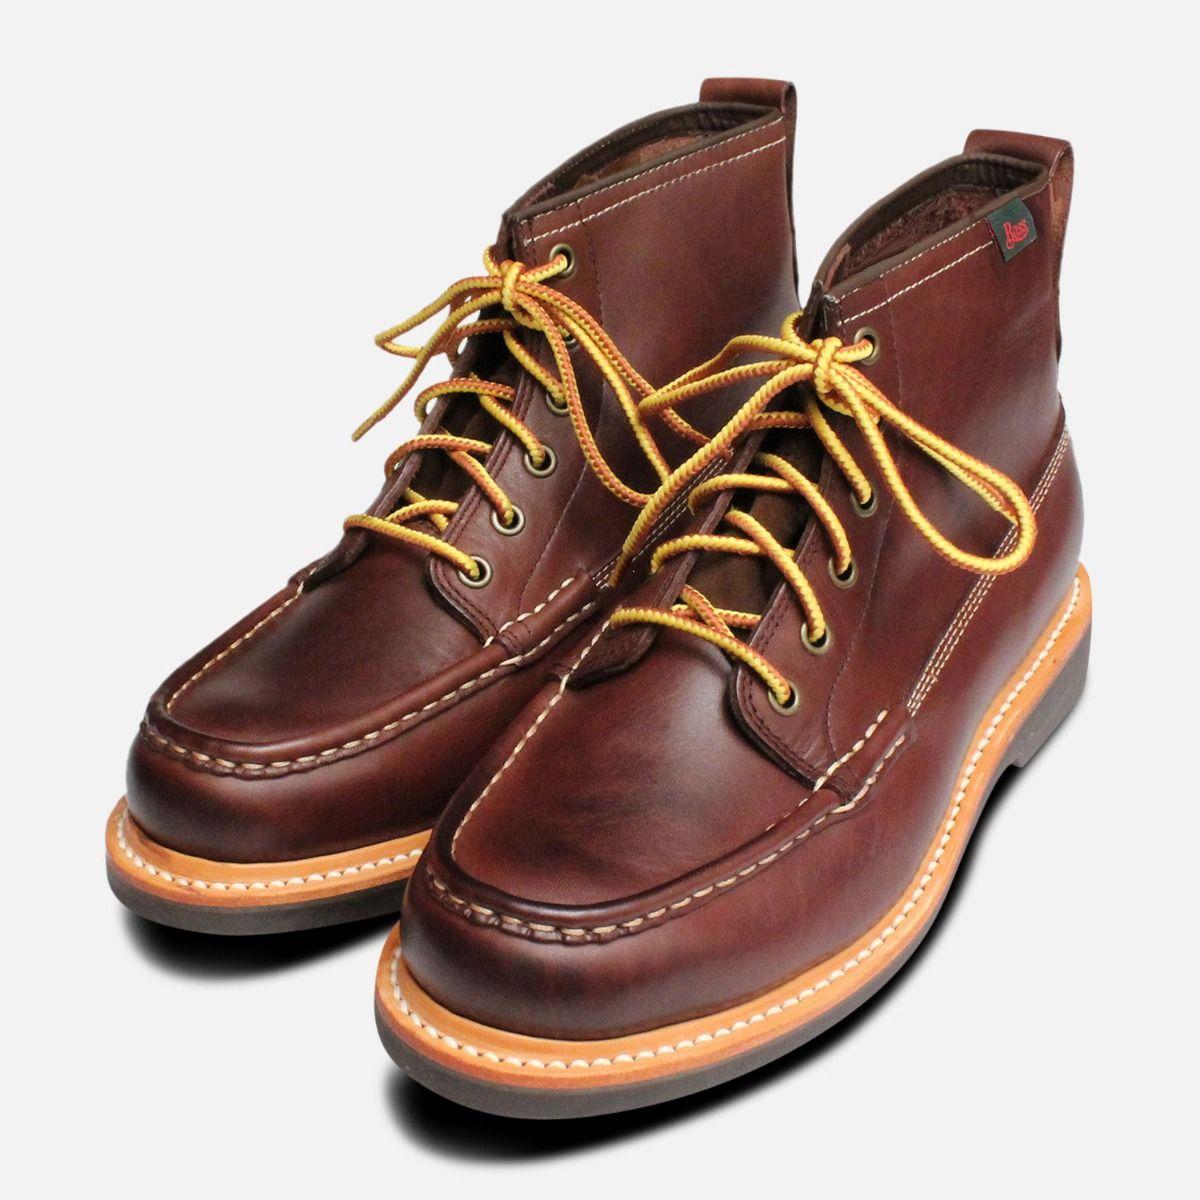 75c2e87dd33 Quail Hunter Boots Dark Brown by G H Bass Shoes